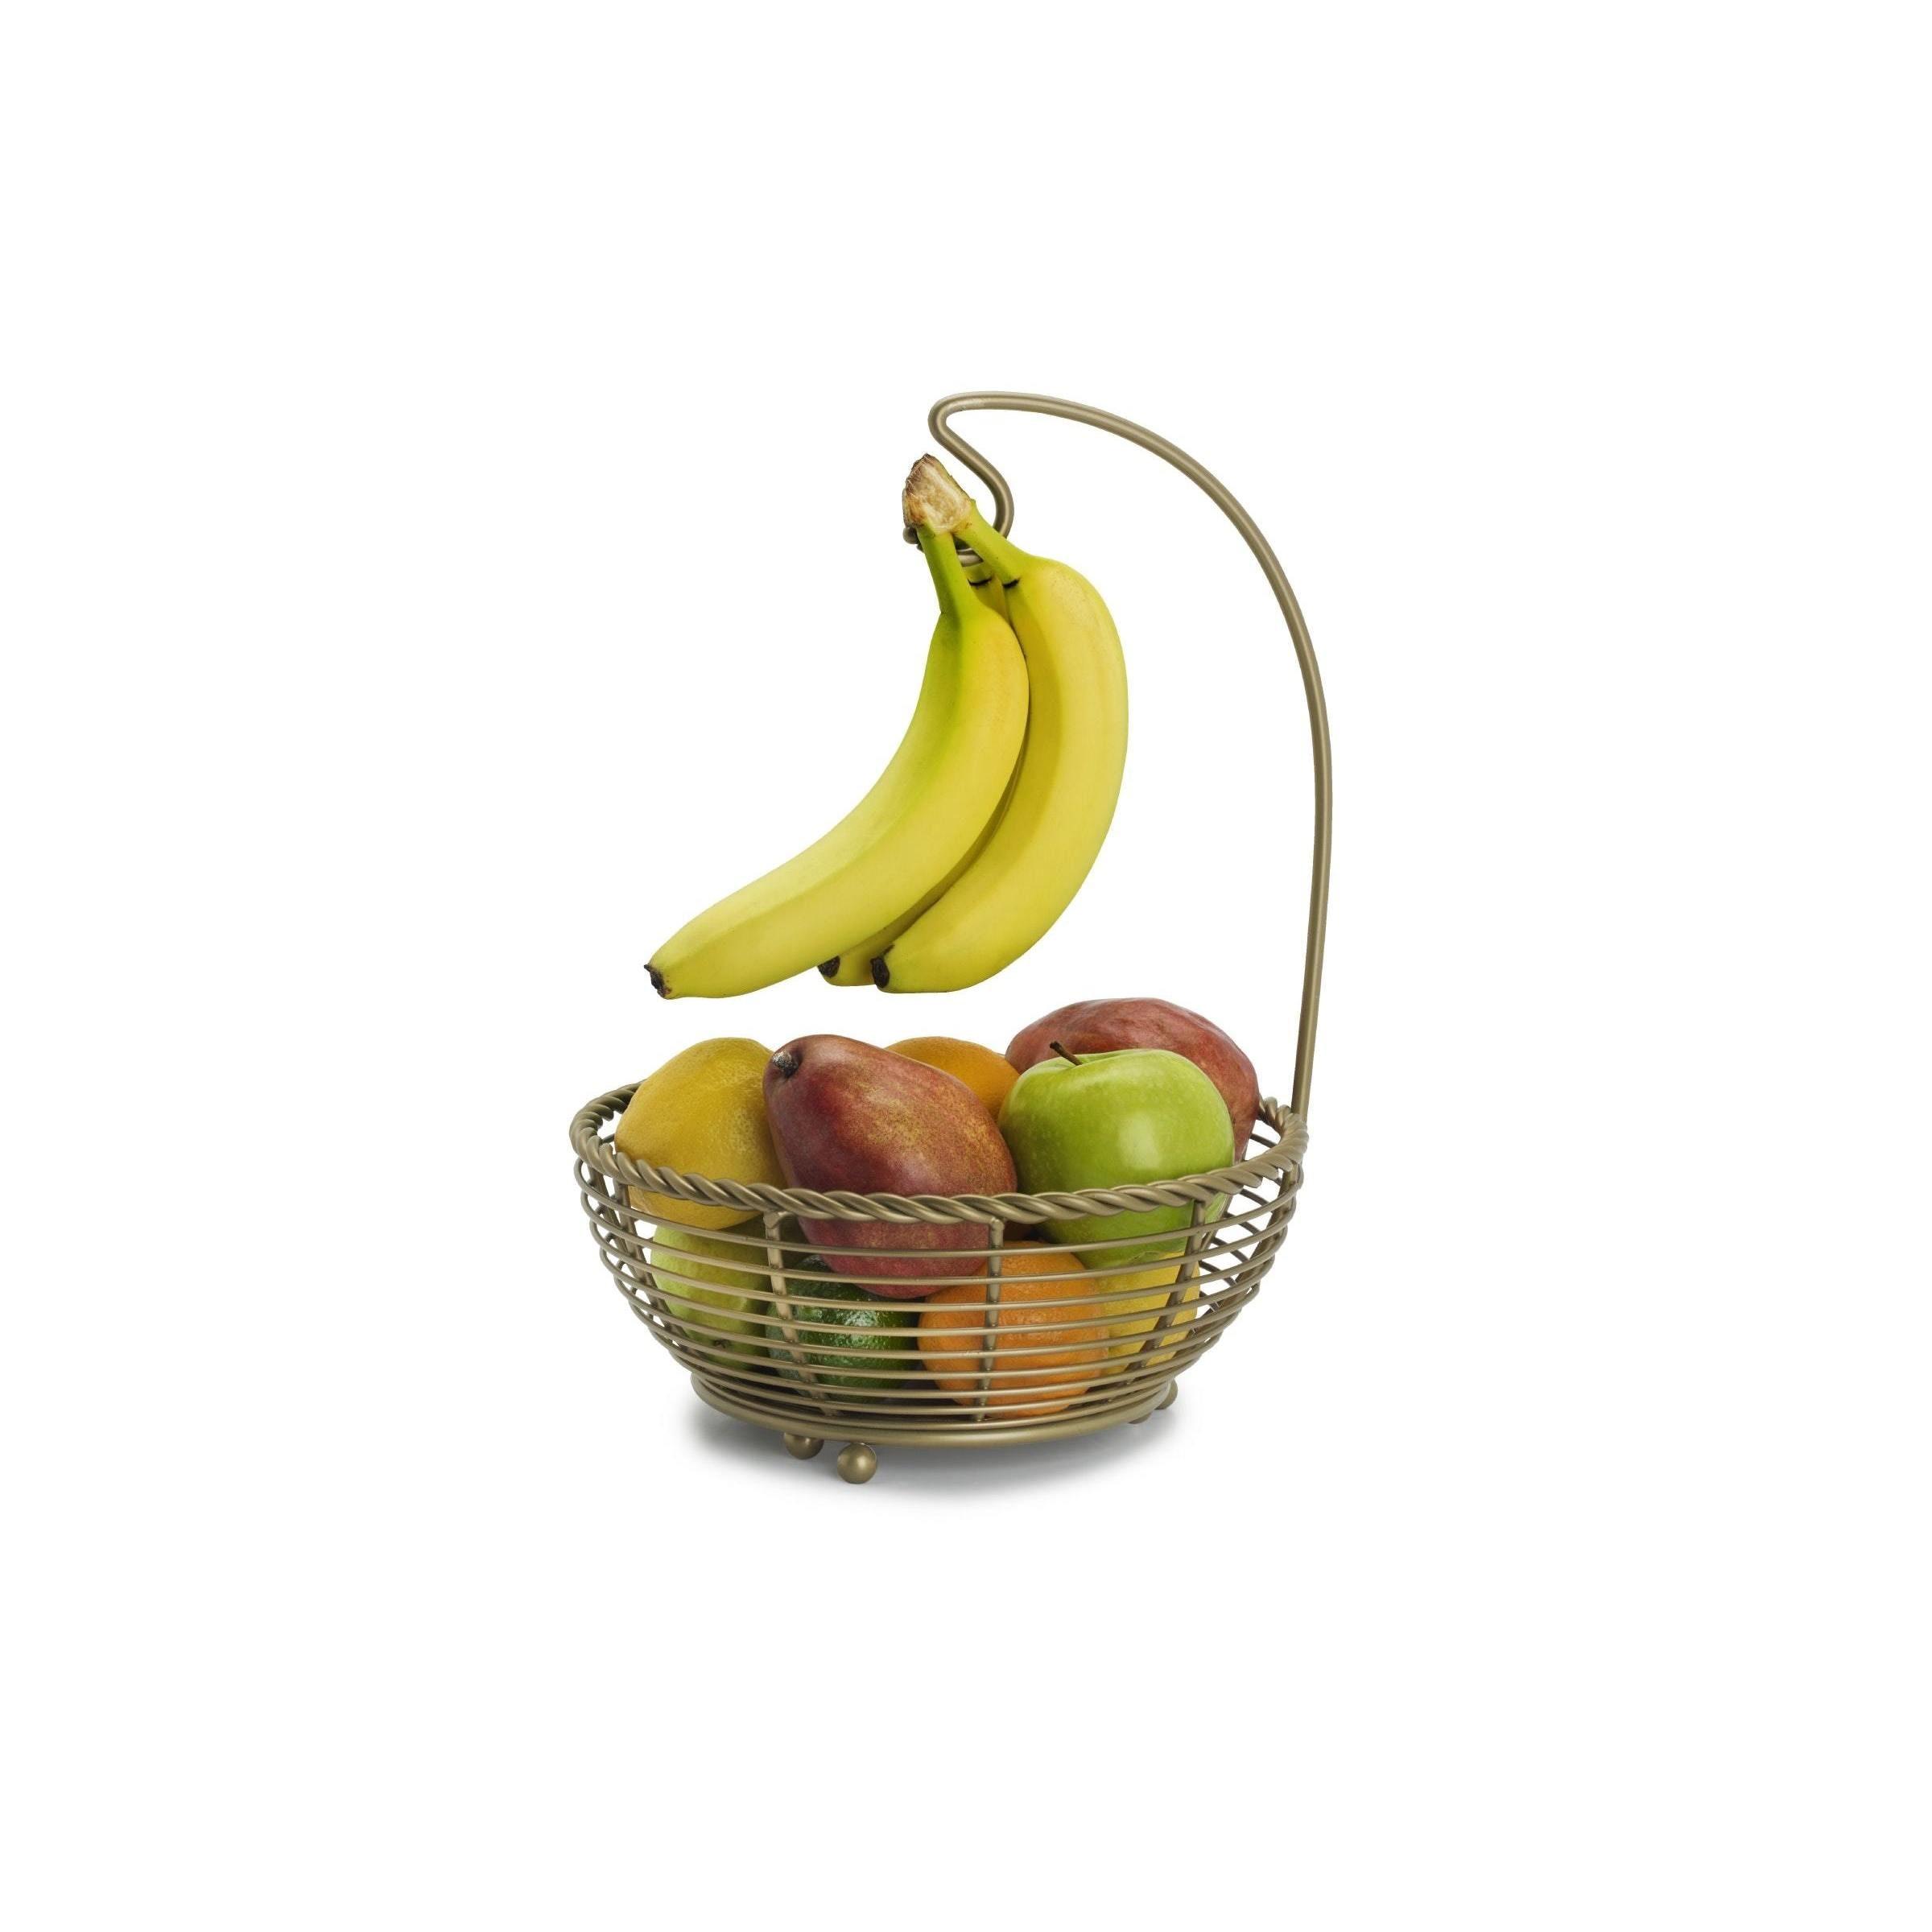 Mikasa Gourmet Basics Rope Fruit Basket With Banana Hanger - Free ...